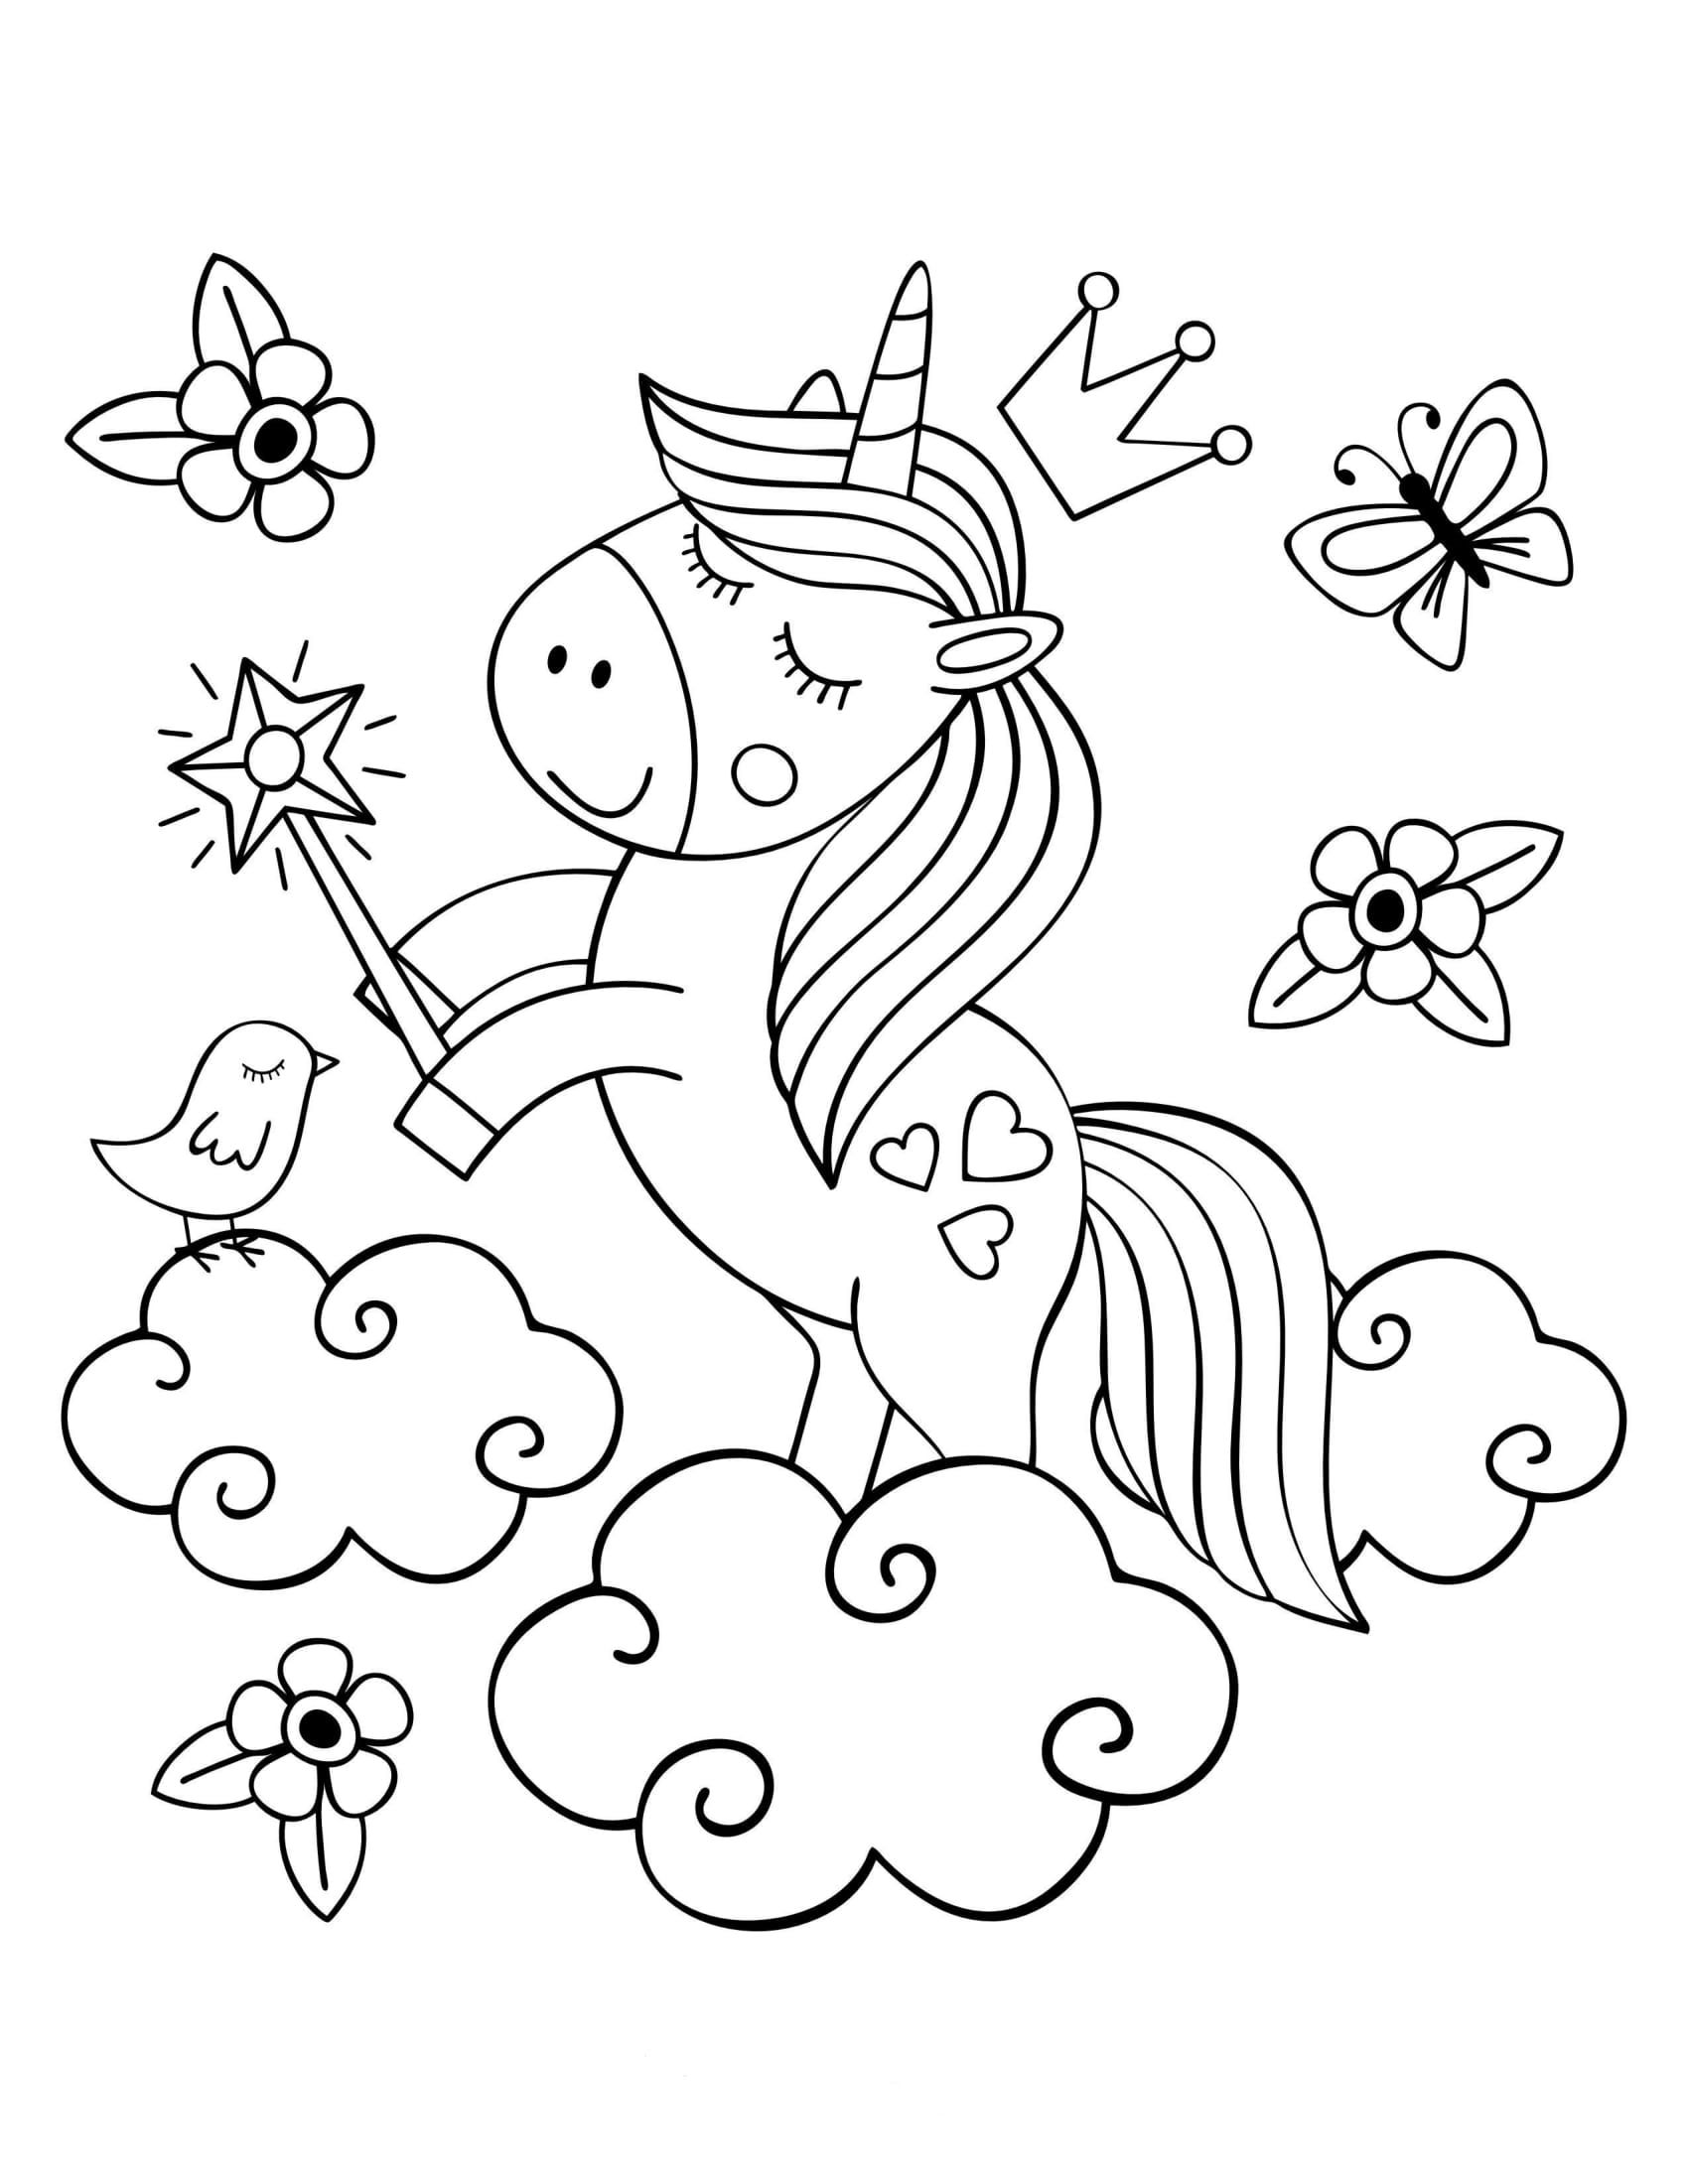 ציור של חד קרן In 2021 Unicorn Coloring Pages Zoo Coloring Pages Spring Coloring Pages [ 2200 x 1700 Pixel ]